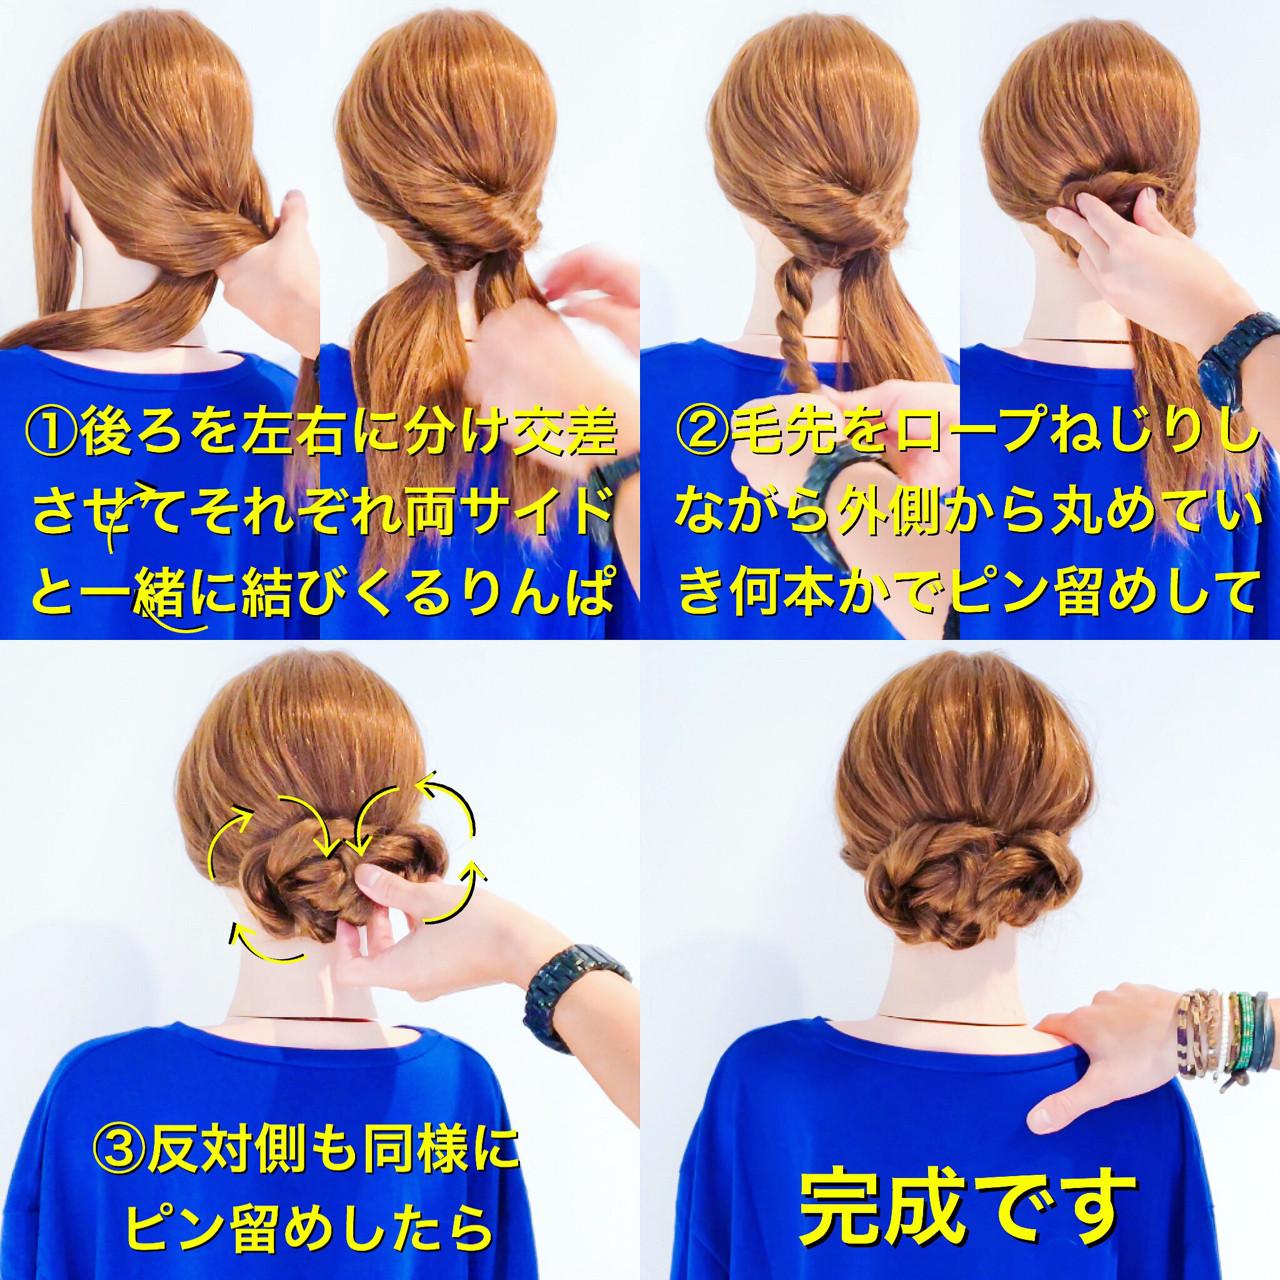 エレガント 上品 簡単ヘアアレンジ ロング ヘアスタイルや髪型の写真・画像